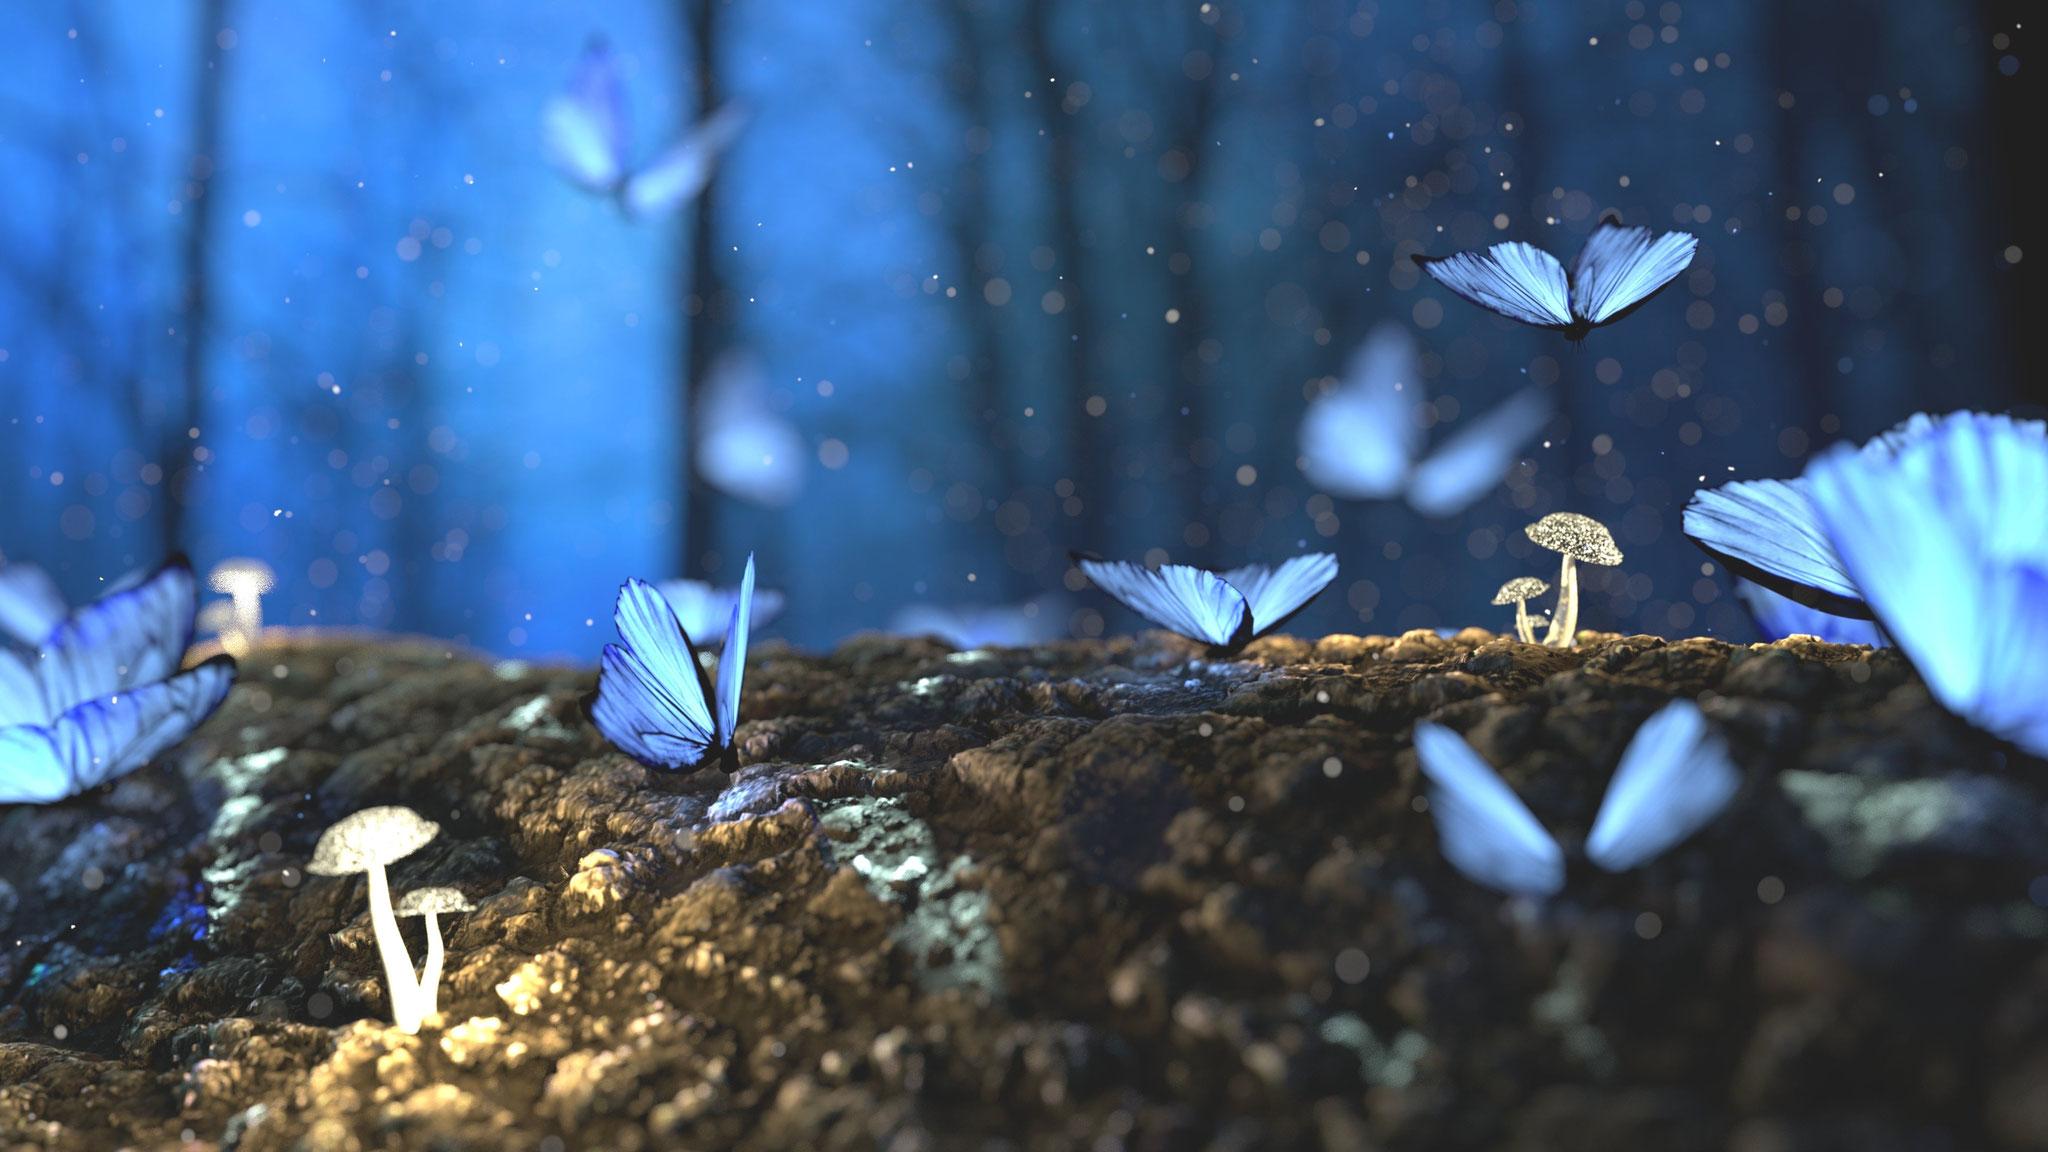 Auf dem Rücken eines Schmetterlings durch einen Märchenwald fliegen? Bei einer Traumreise ist alles möglich, denn hier öffnen wir das Tor zur Fantasie. Du driftest hinweg, findest Abstand vom Alltag und dadurch wohlige Entspannung.